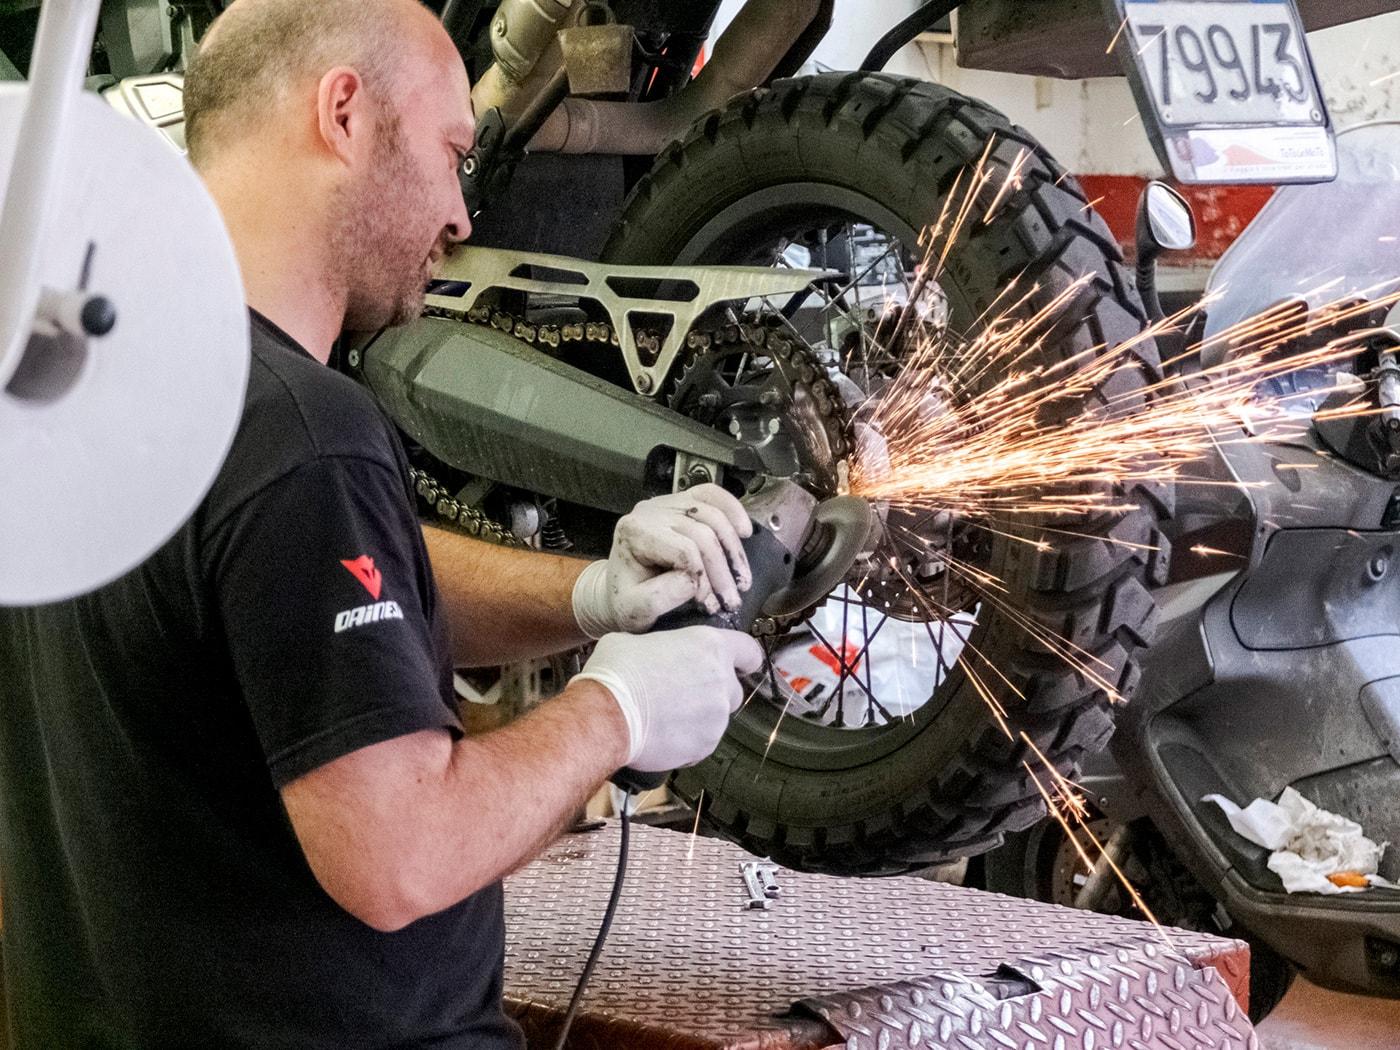 preparazione-giro-del-mondo-in-moto-taglio-catena